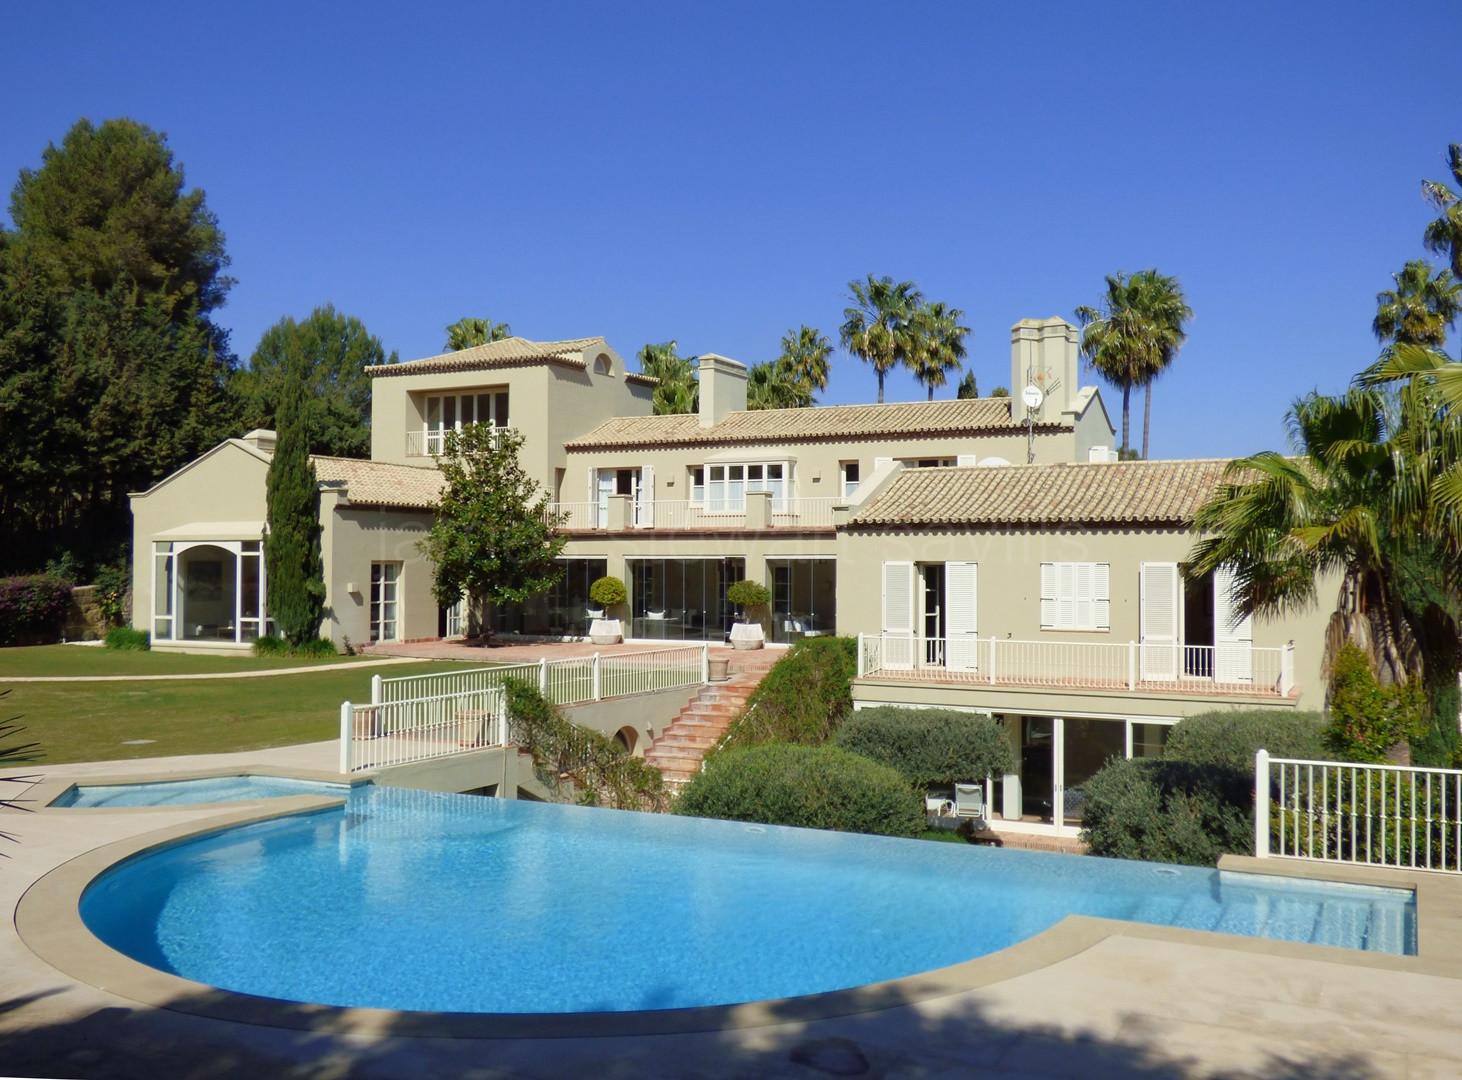 Fabulous modern spacious villa in Sotogrande Costa